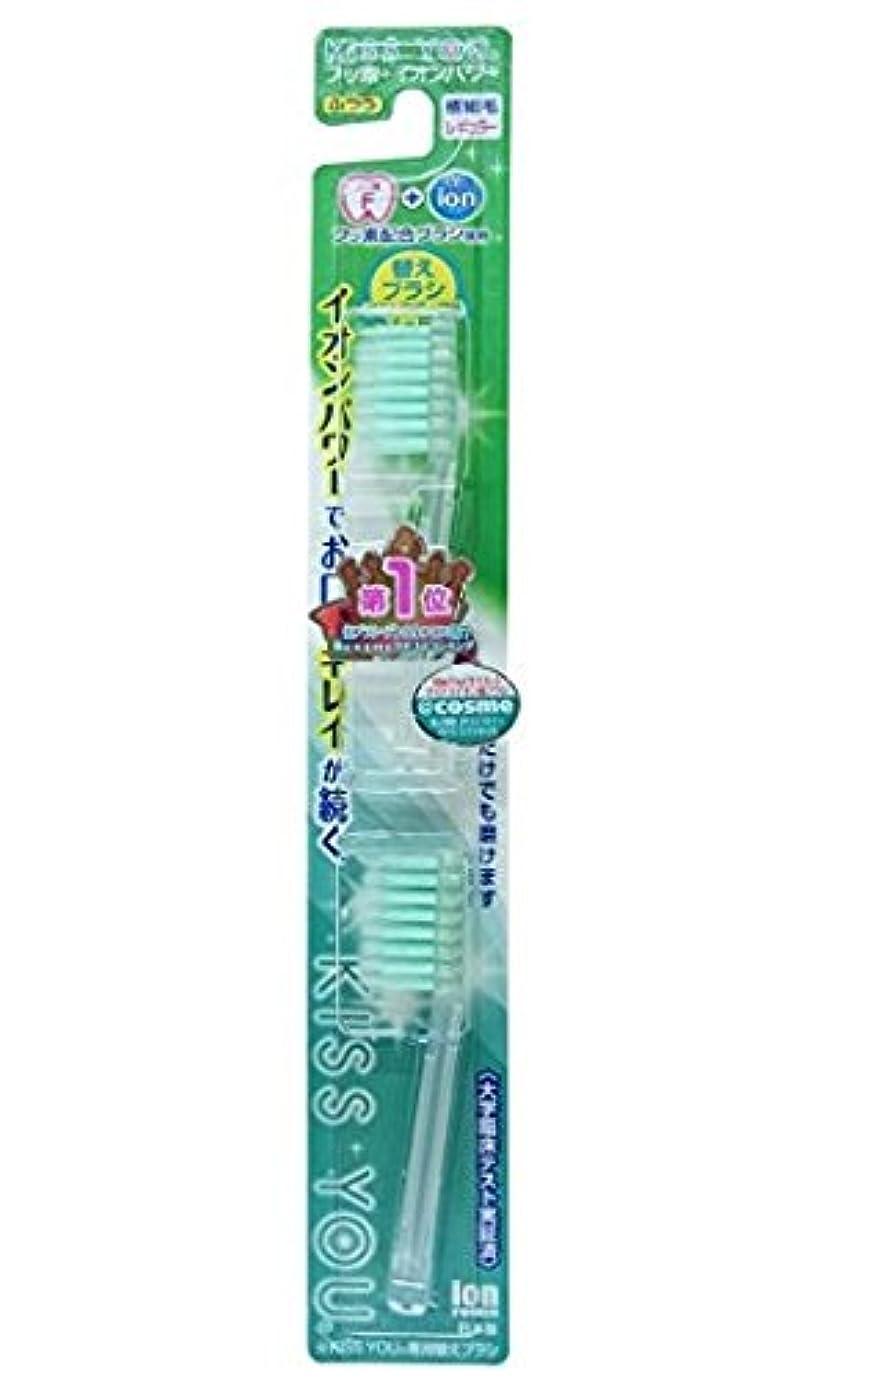 フッ素イオン歯ブラシ極細レギュラー替えブラシふつう × 120個セット